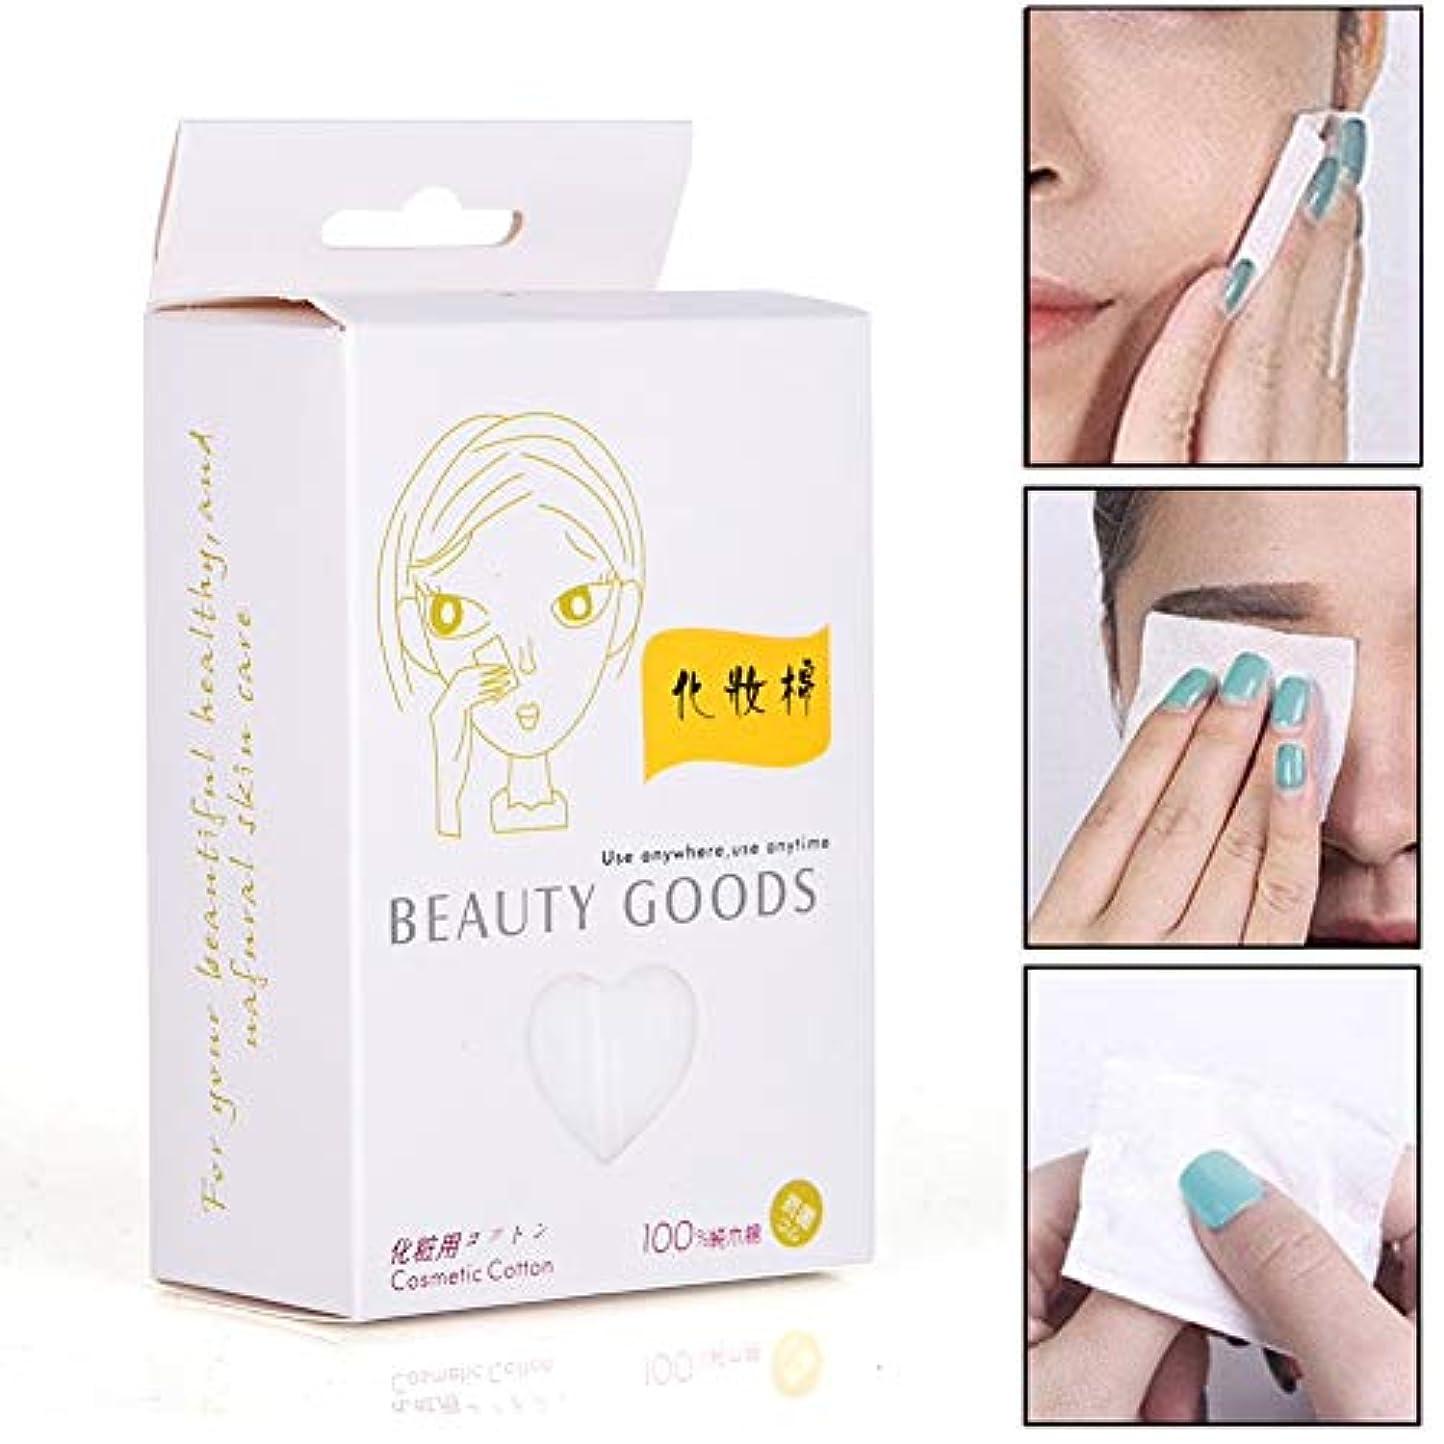 保存革命軽量化粧水パッド&メイク 100個セット/箱 使い捨て 化粧品リムーバークリーニングワイプ